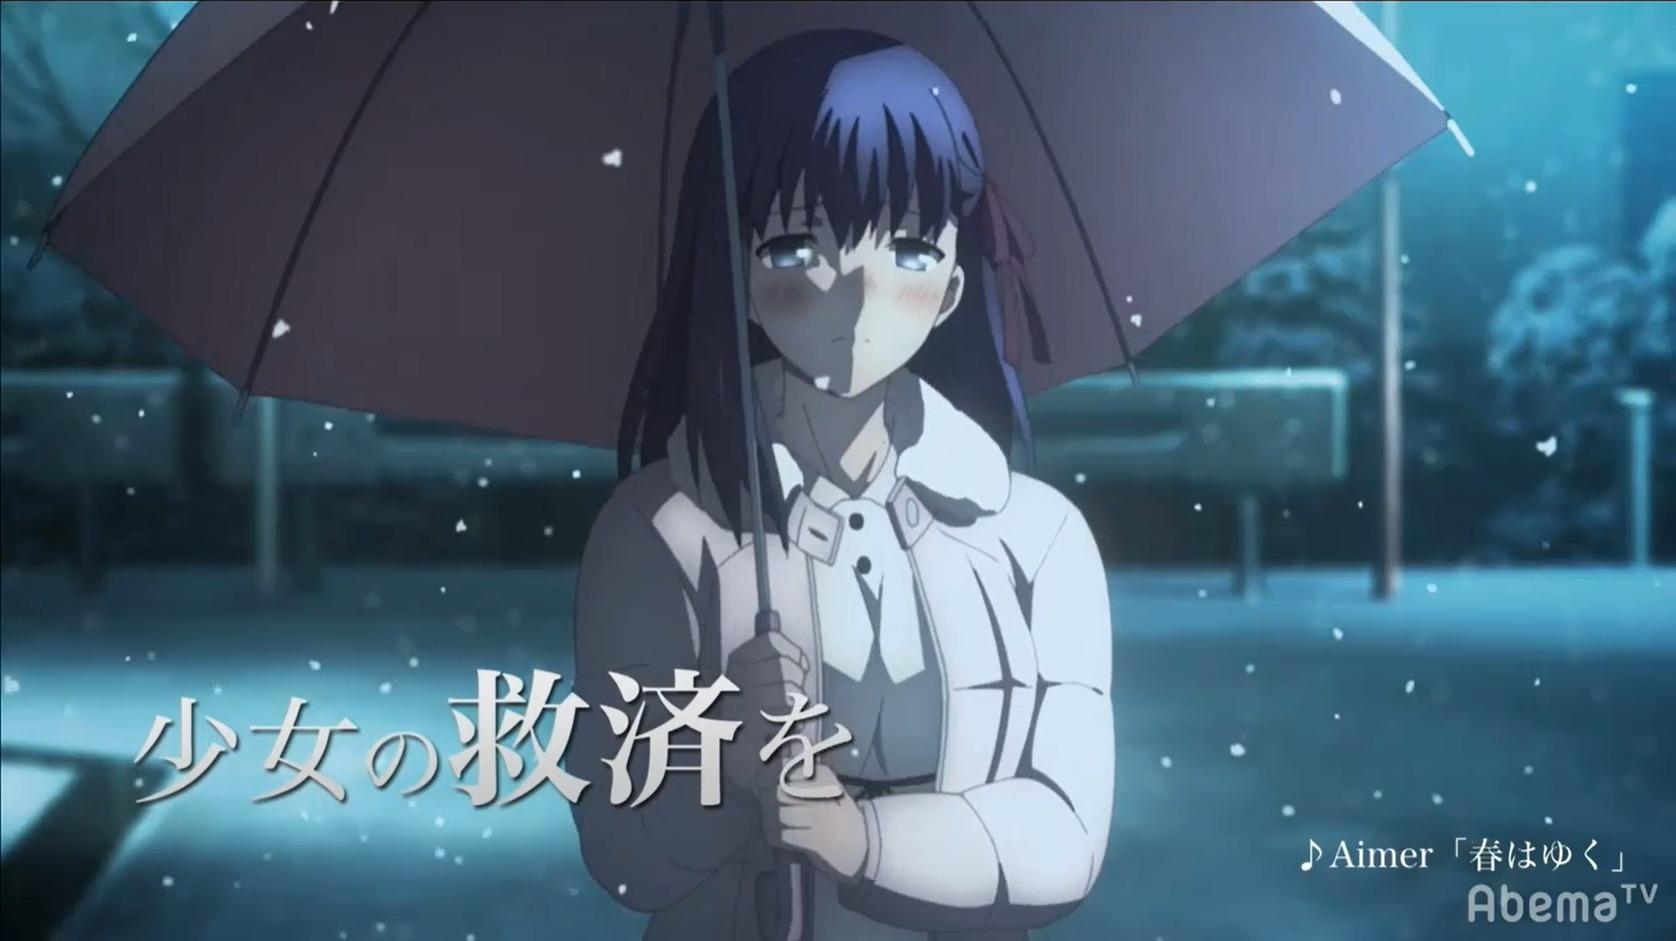 劇場版 Fate Stay Night Heaven S Feel Iii Spring Song 公開日